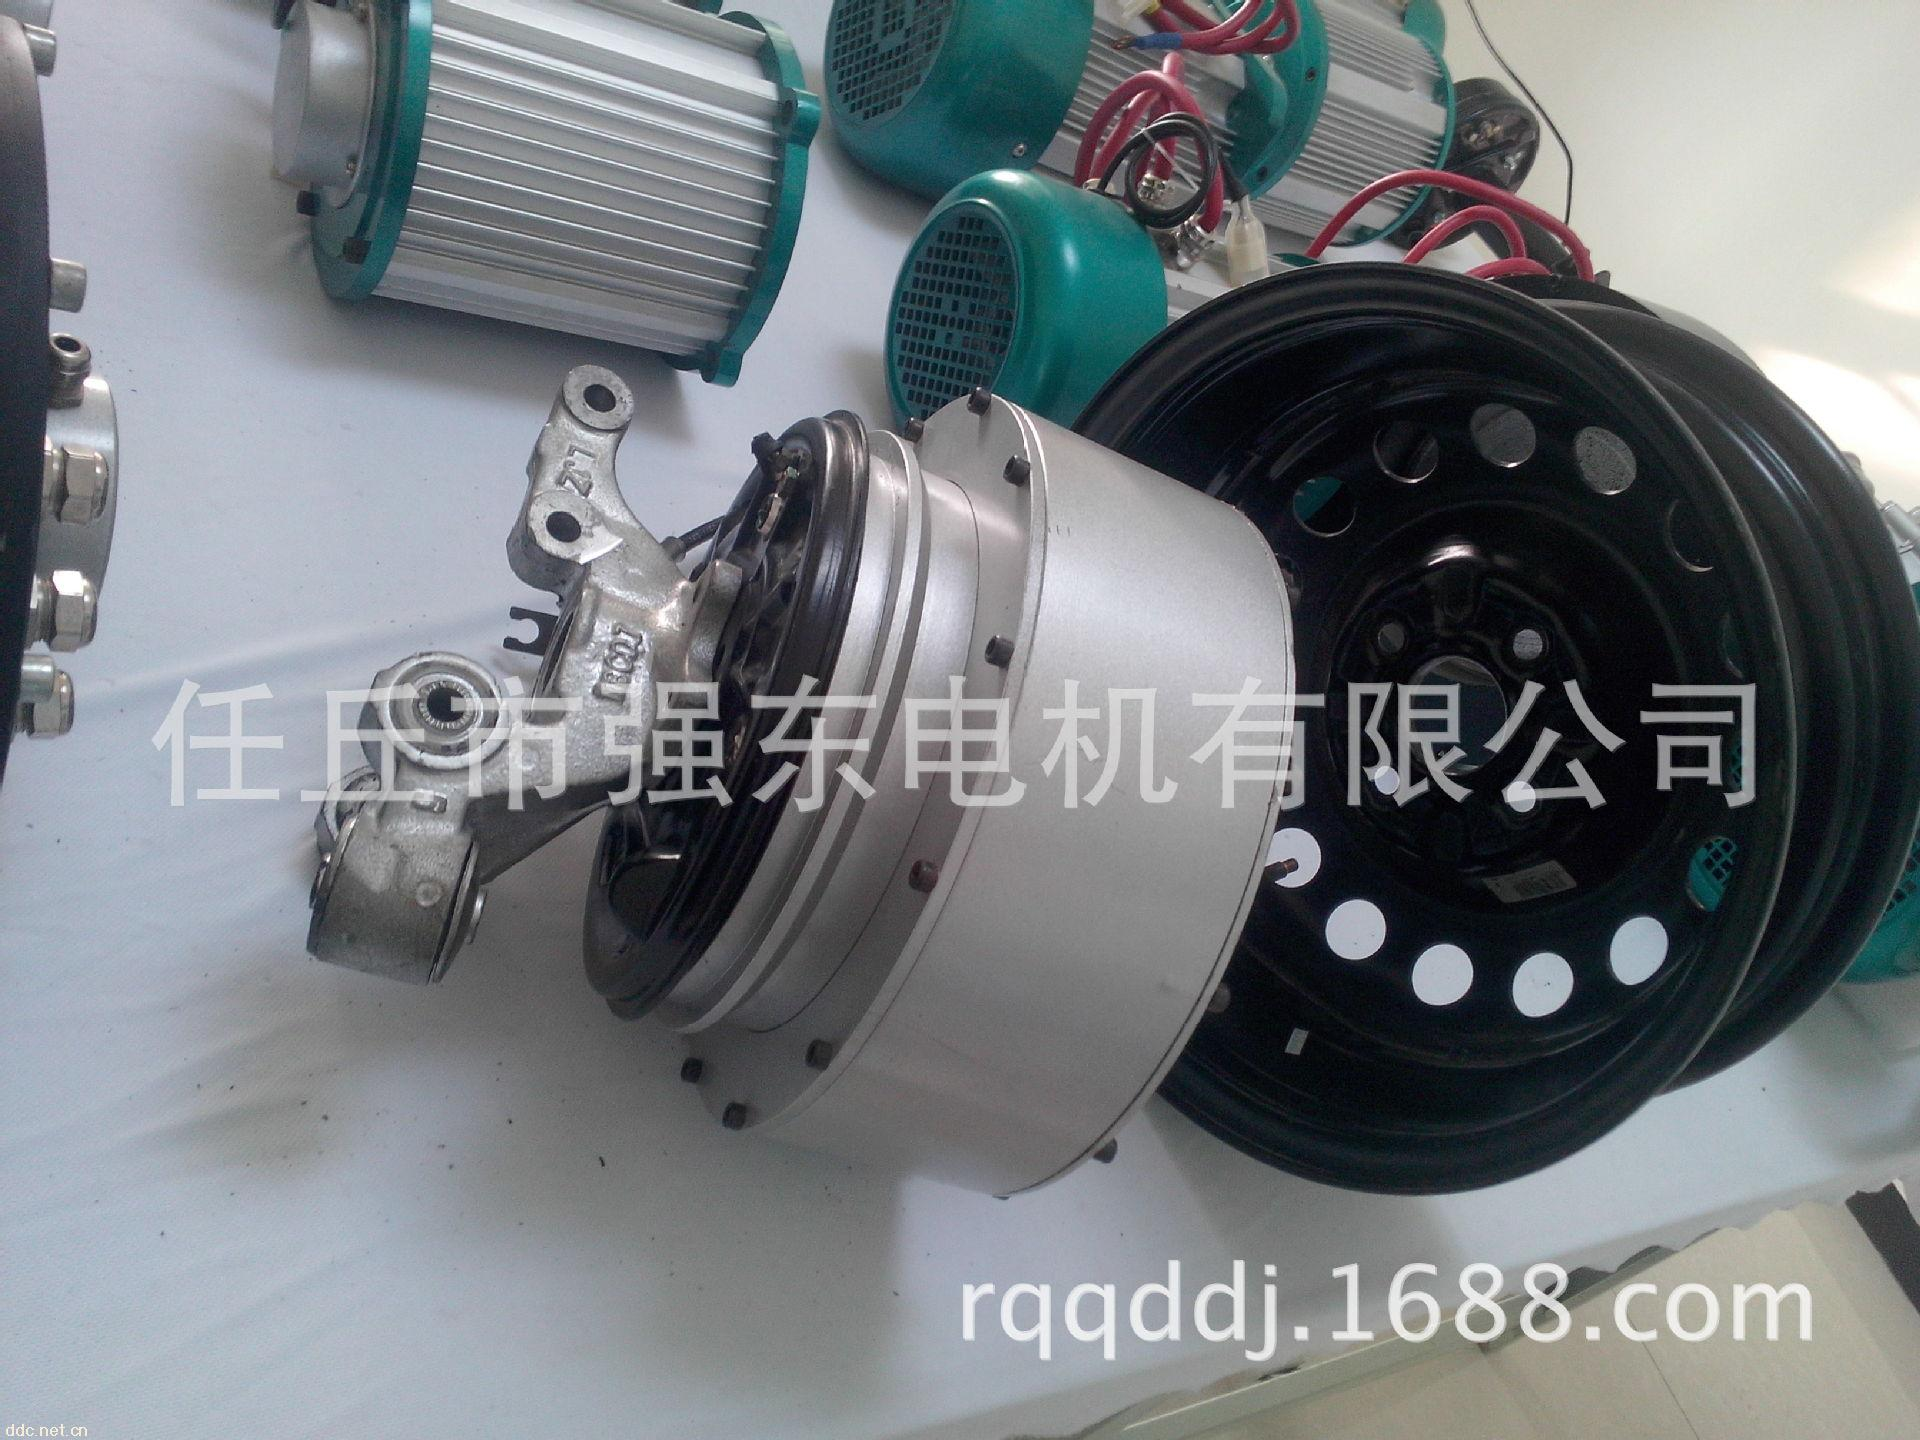 电动汽车轮毂电机 河北省任丘市强东电机有限 高清图片